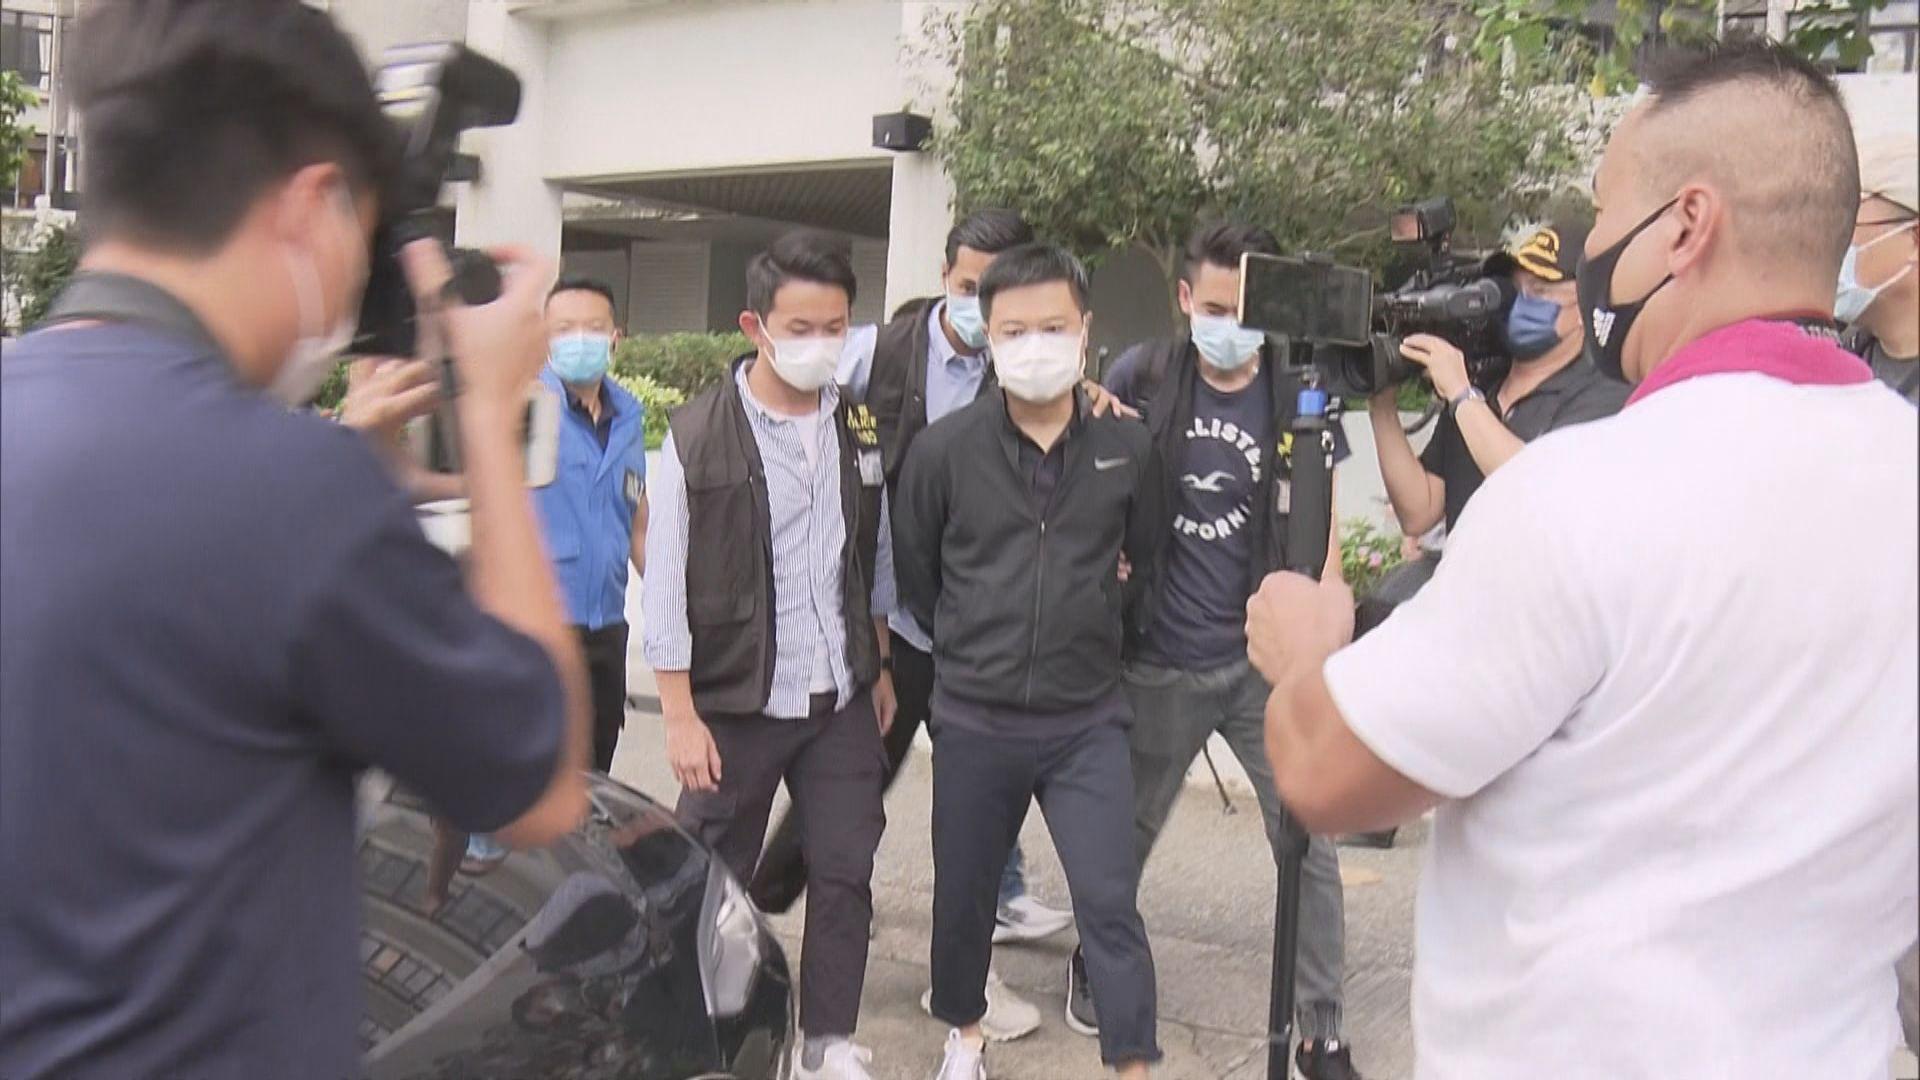 【搜蘋果日報】警拘五人涉違國安法 消息:壹傳媒張劍虹及蘋果羅偉光